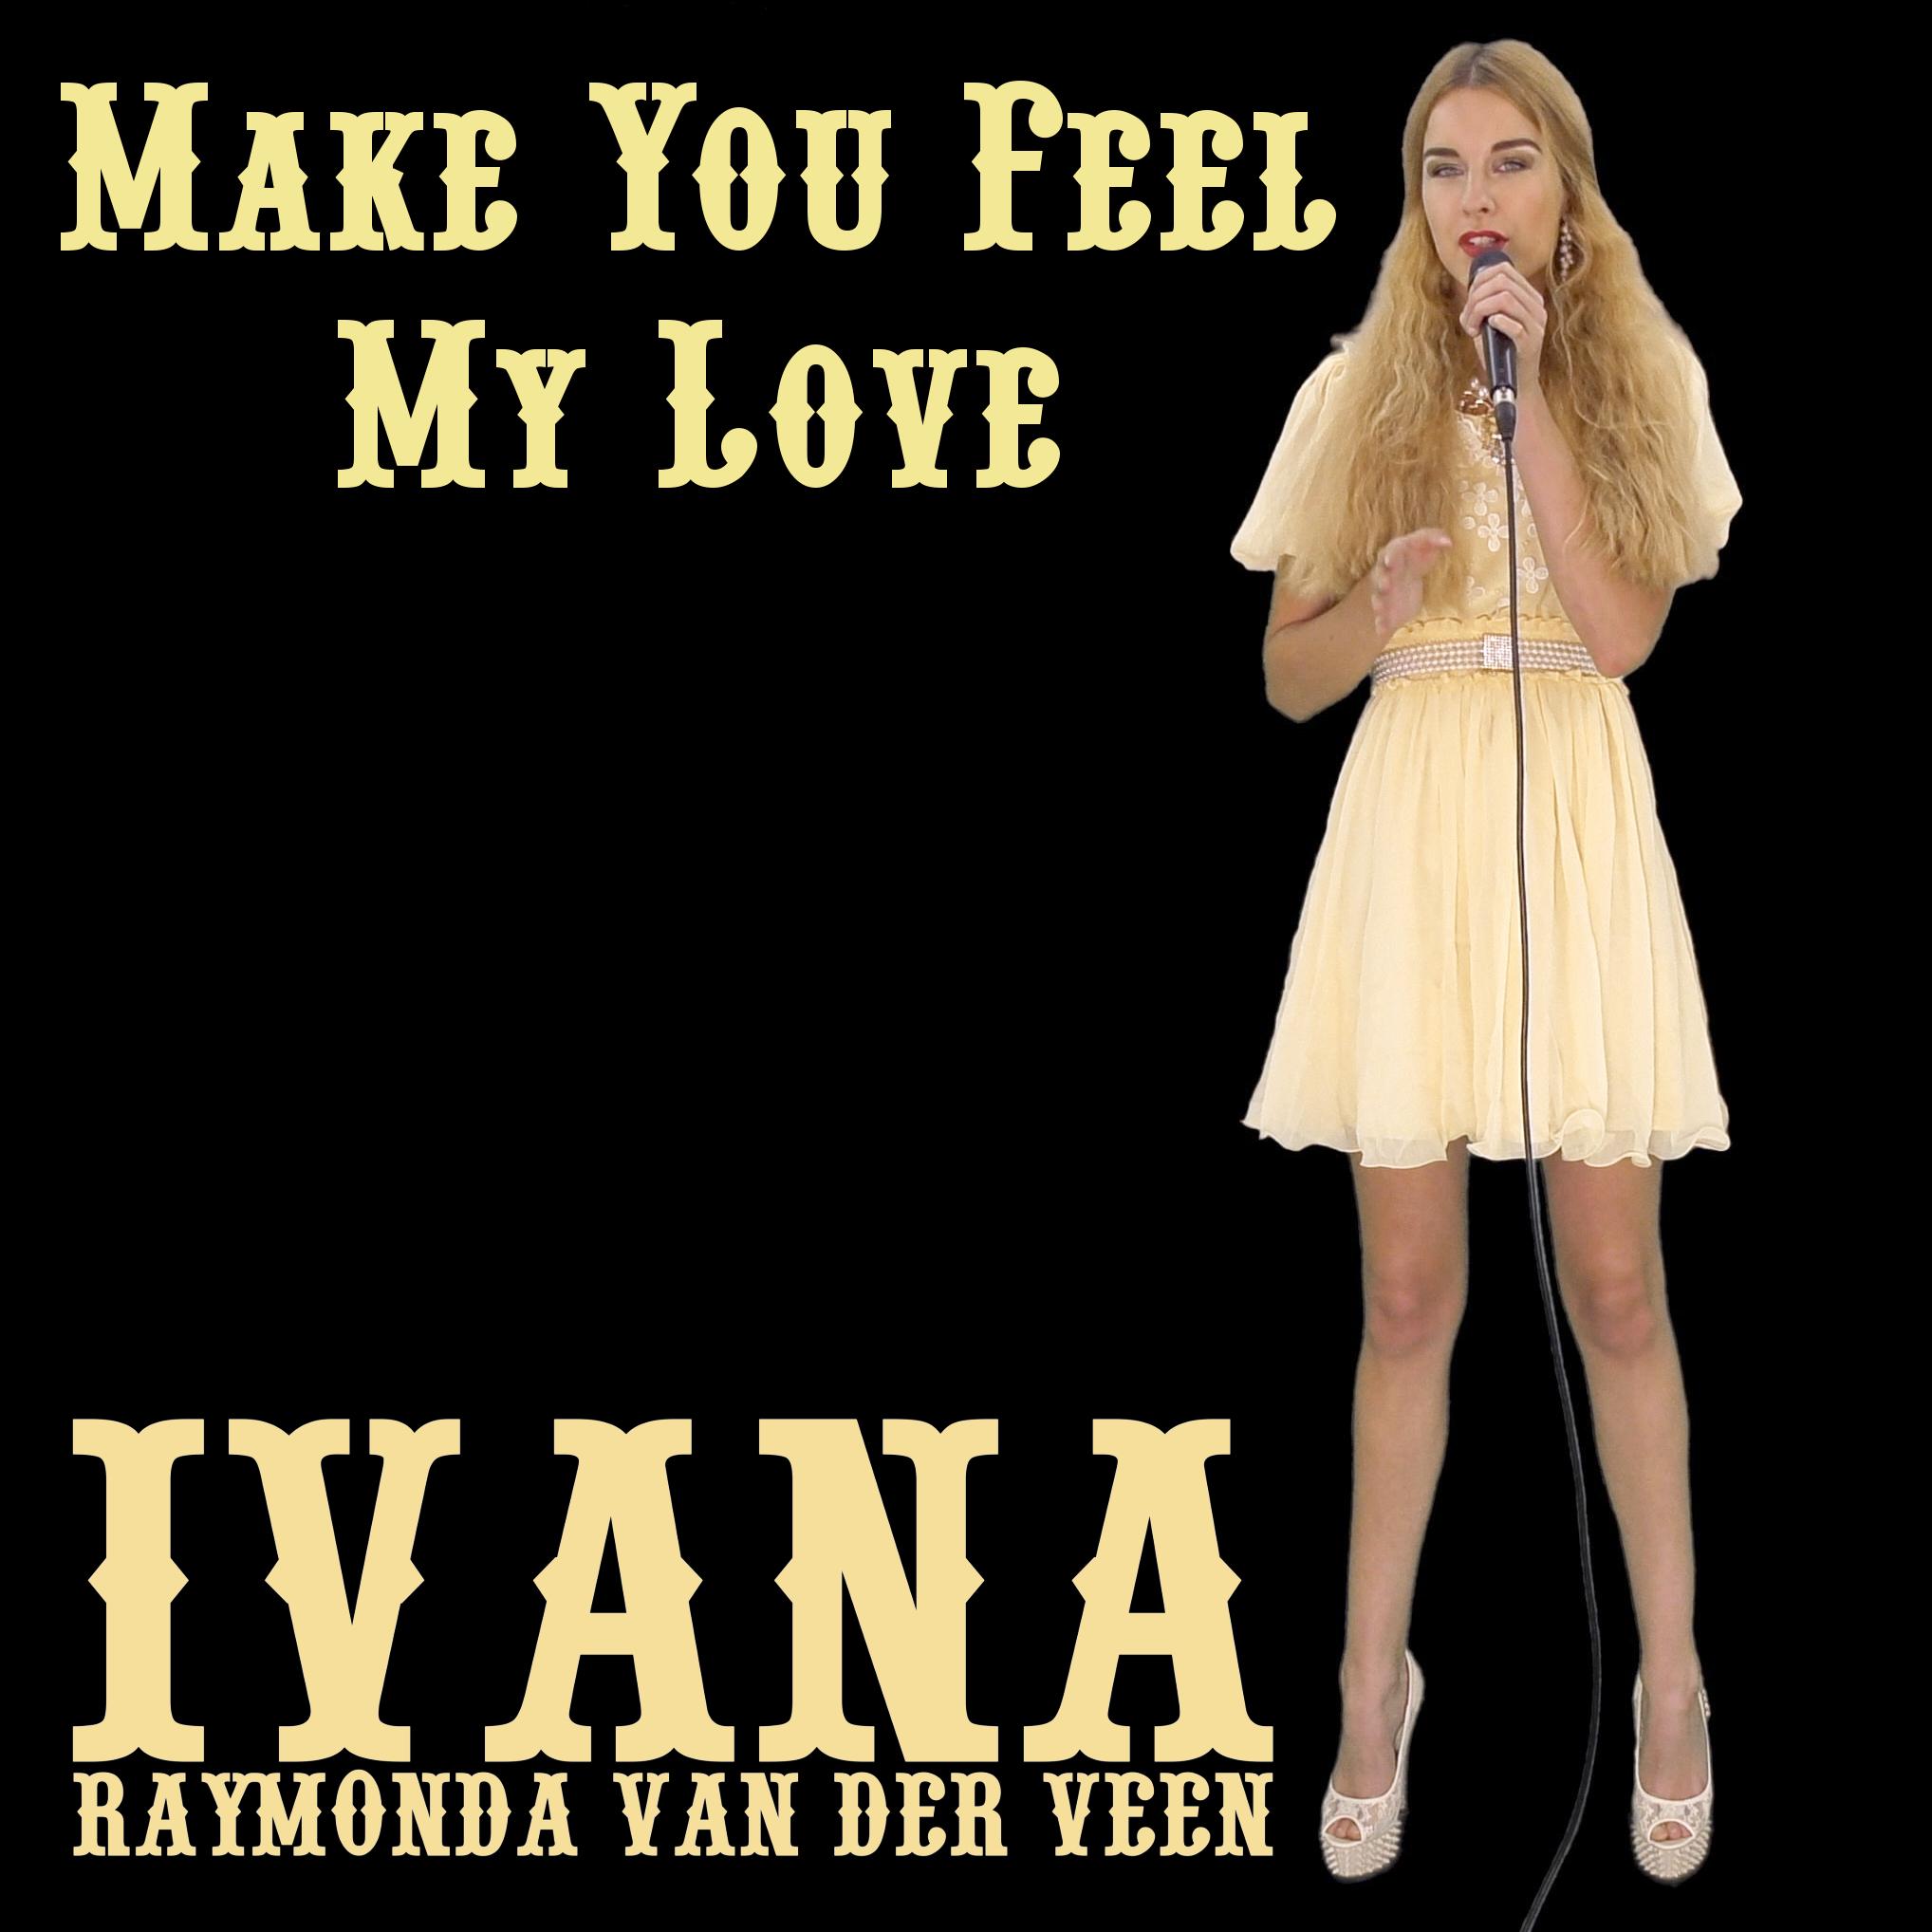 Make You Feel My Love - Ivana Raymonda van der Veen.jpg